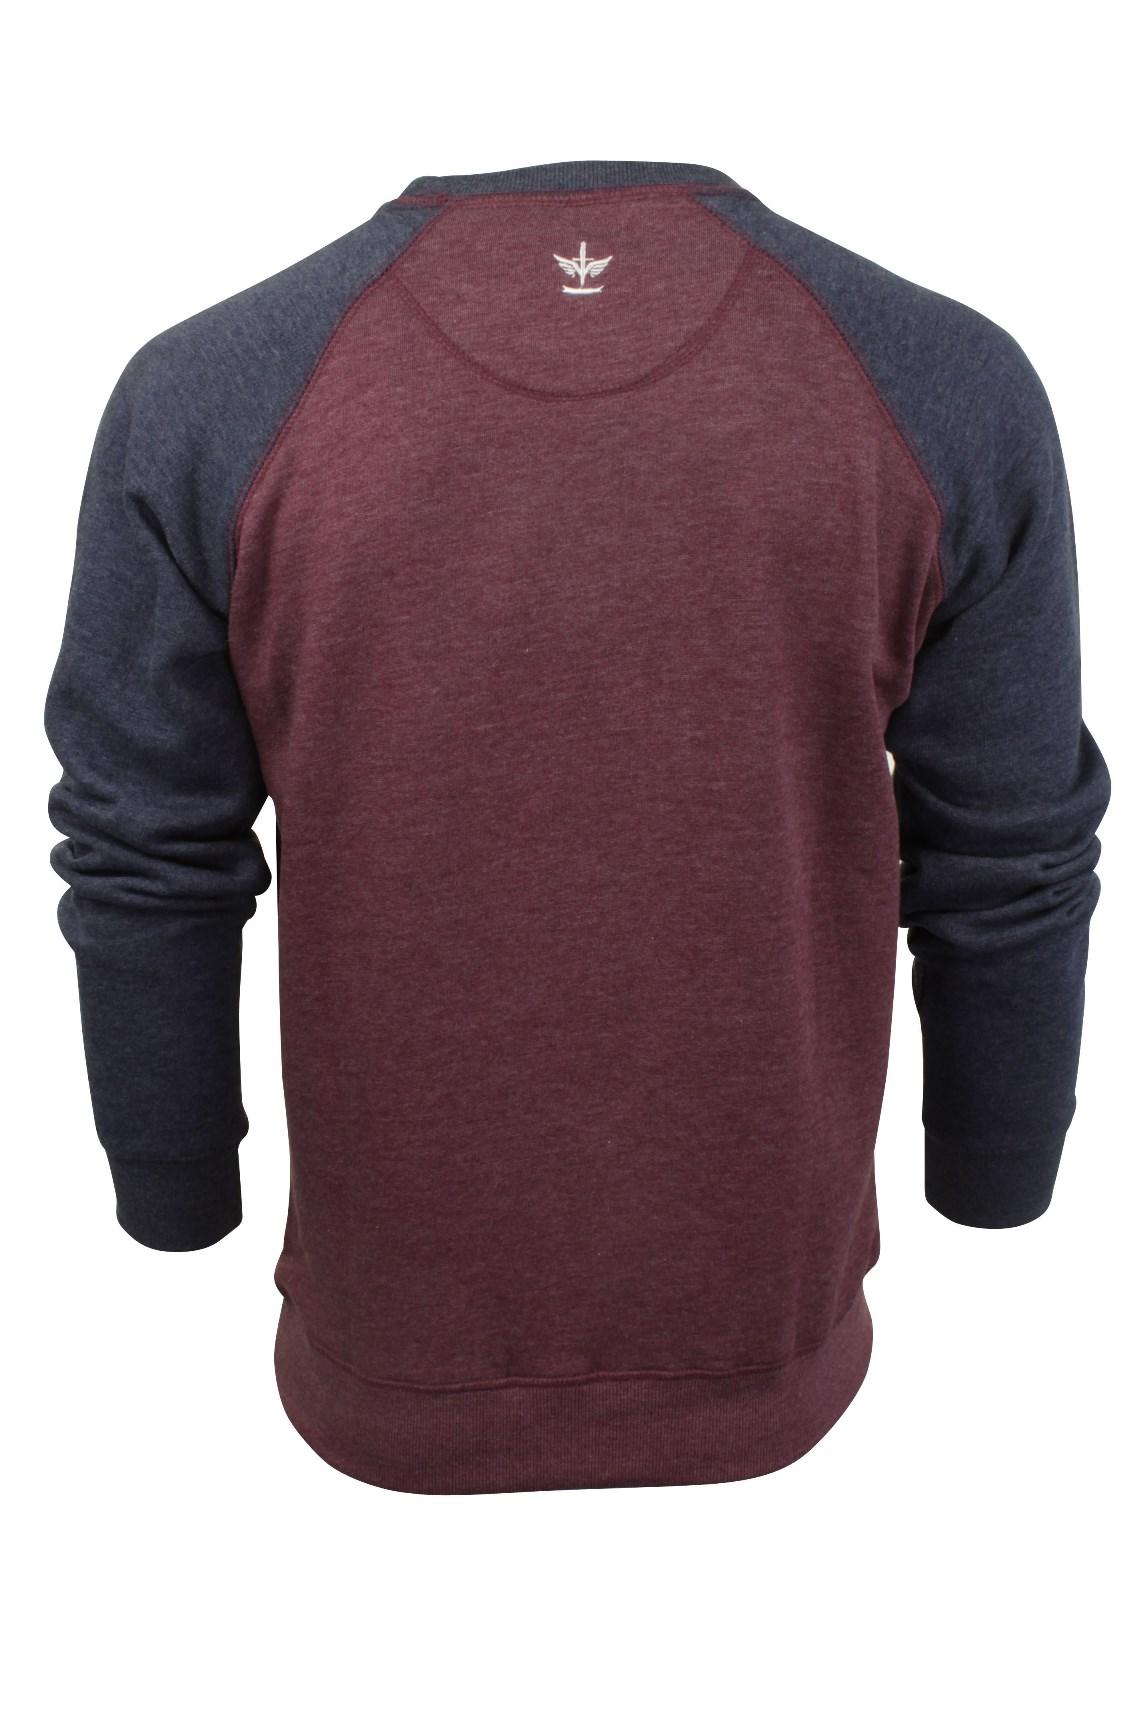 Jersey-Para-Hombre-Top-de-sudor-por-Firetrap-039-represento-039-Cuello-Redondo miniatura 4